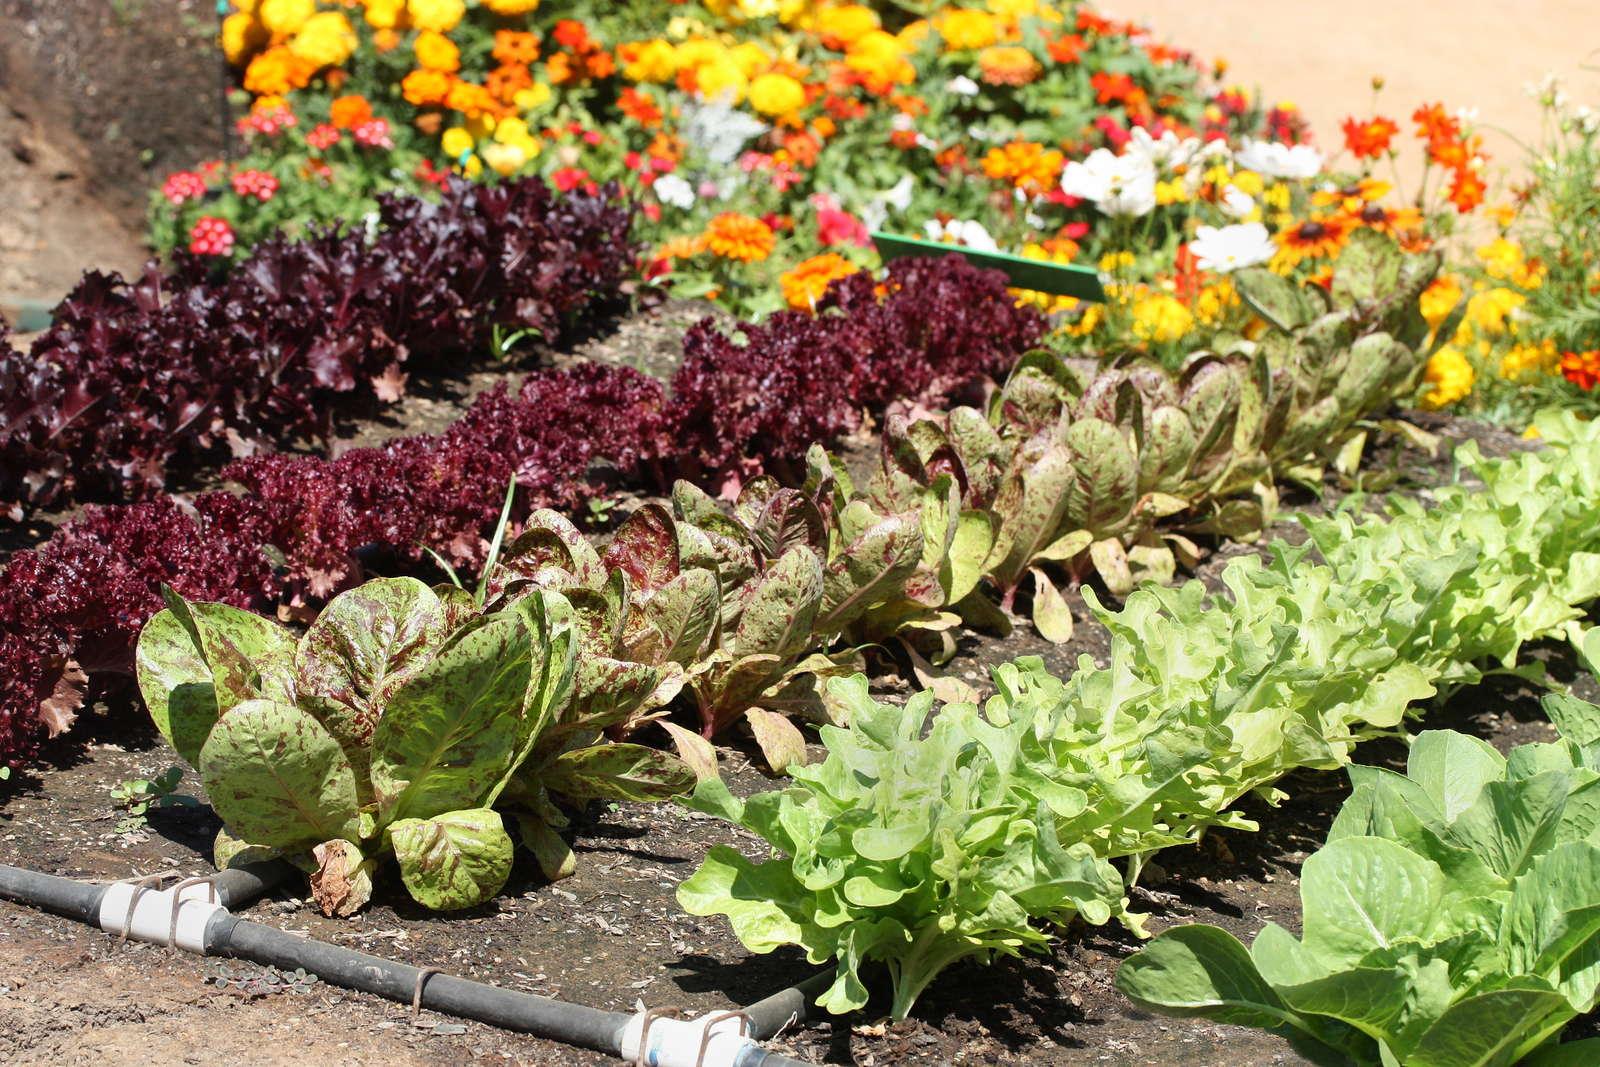 Gemüseanbau: 10 Tipps für Einsteiger - Plantura